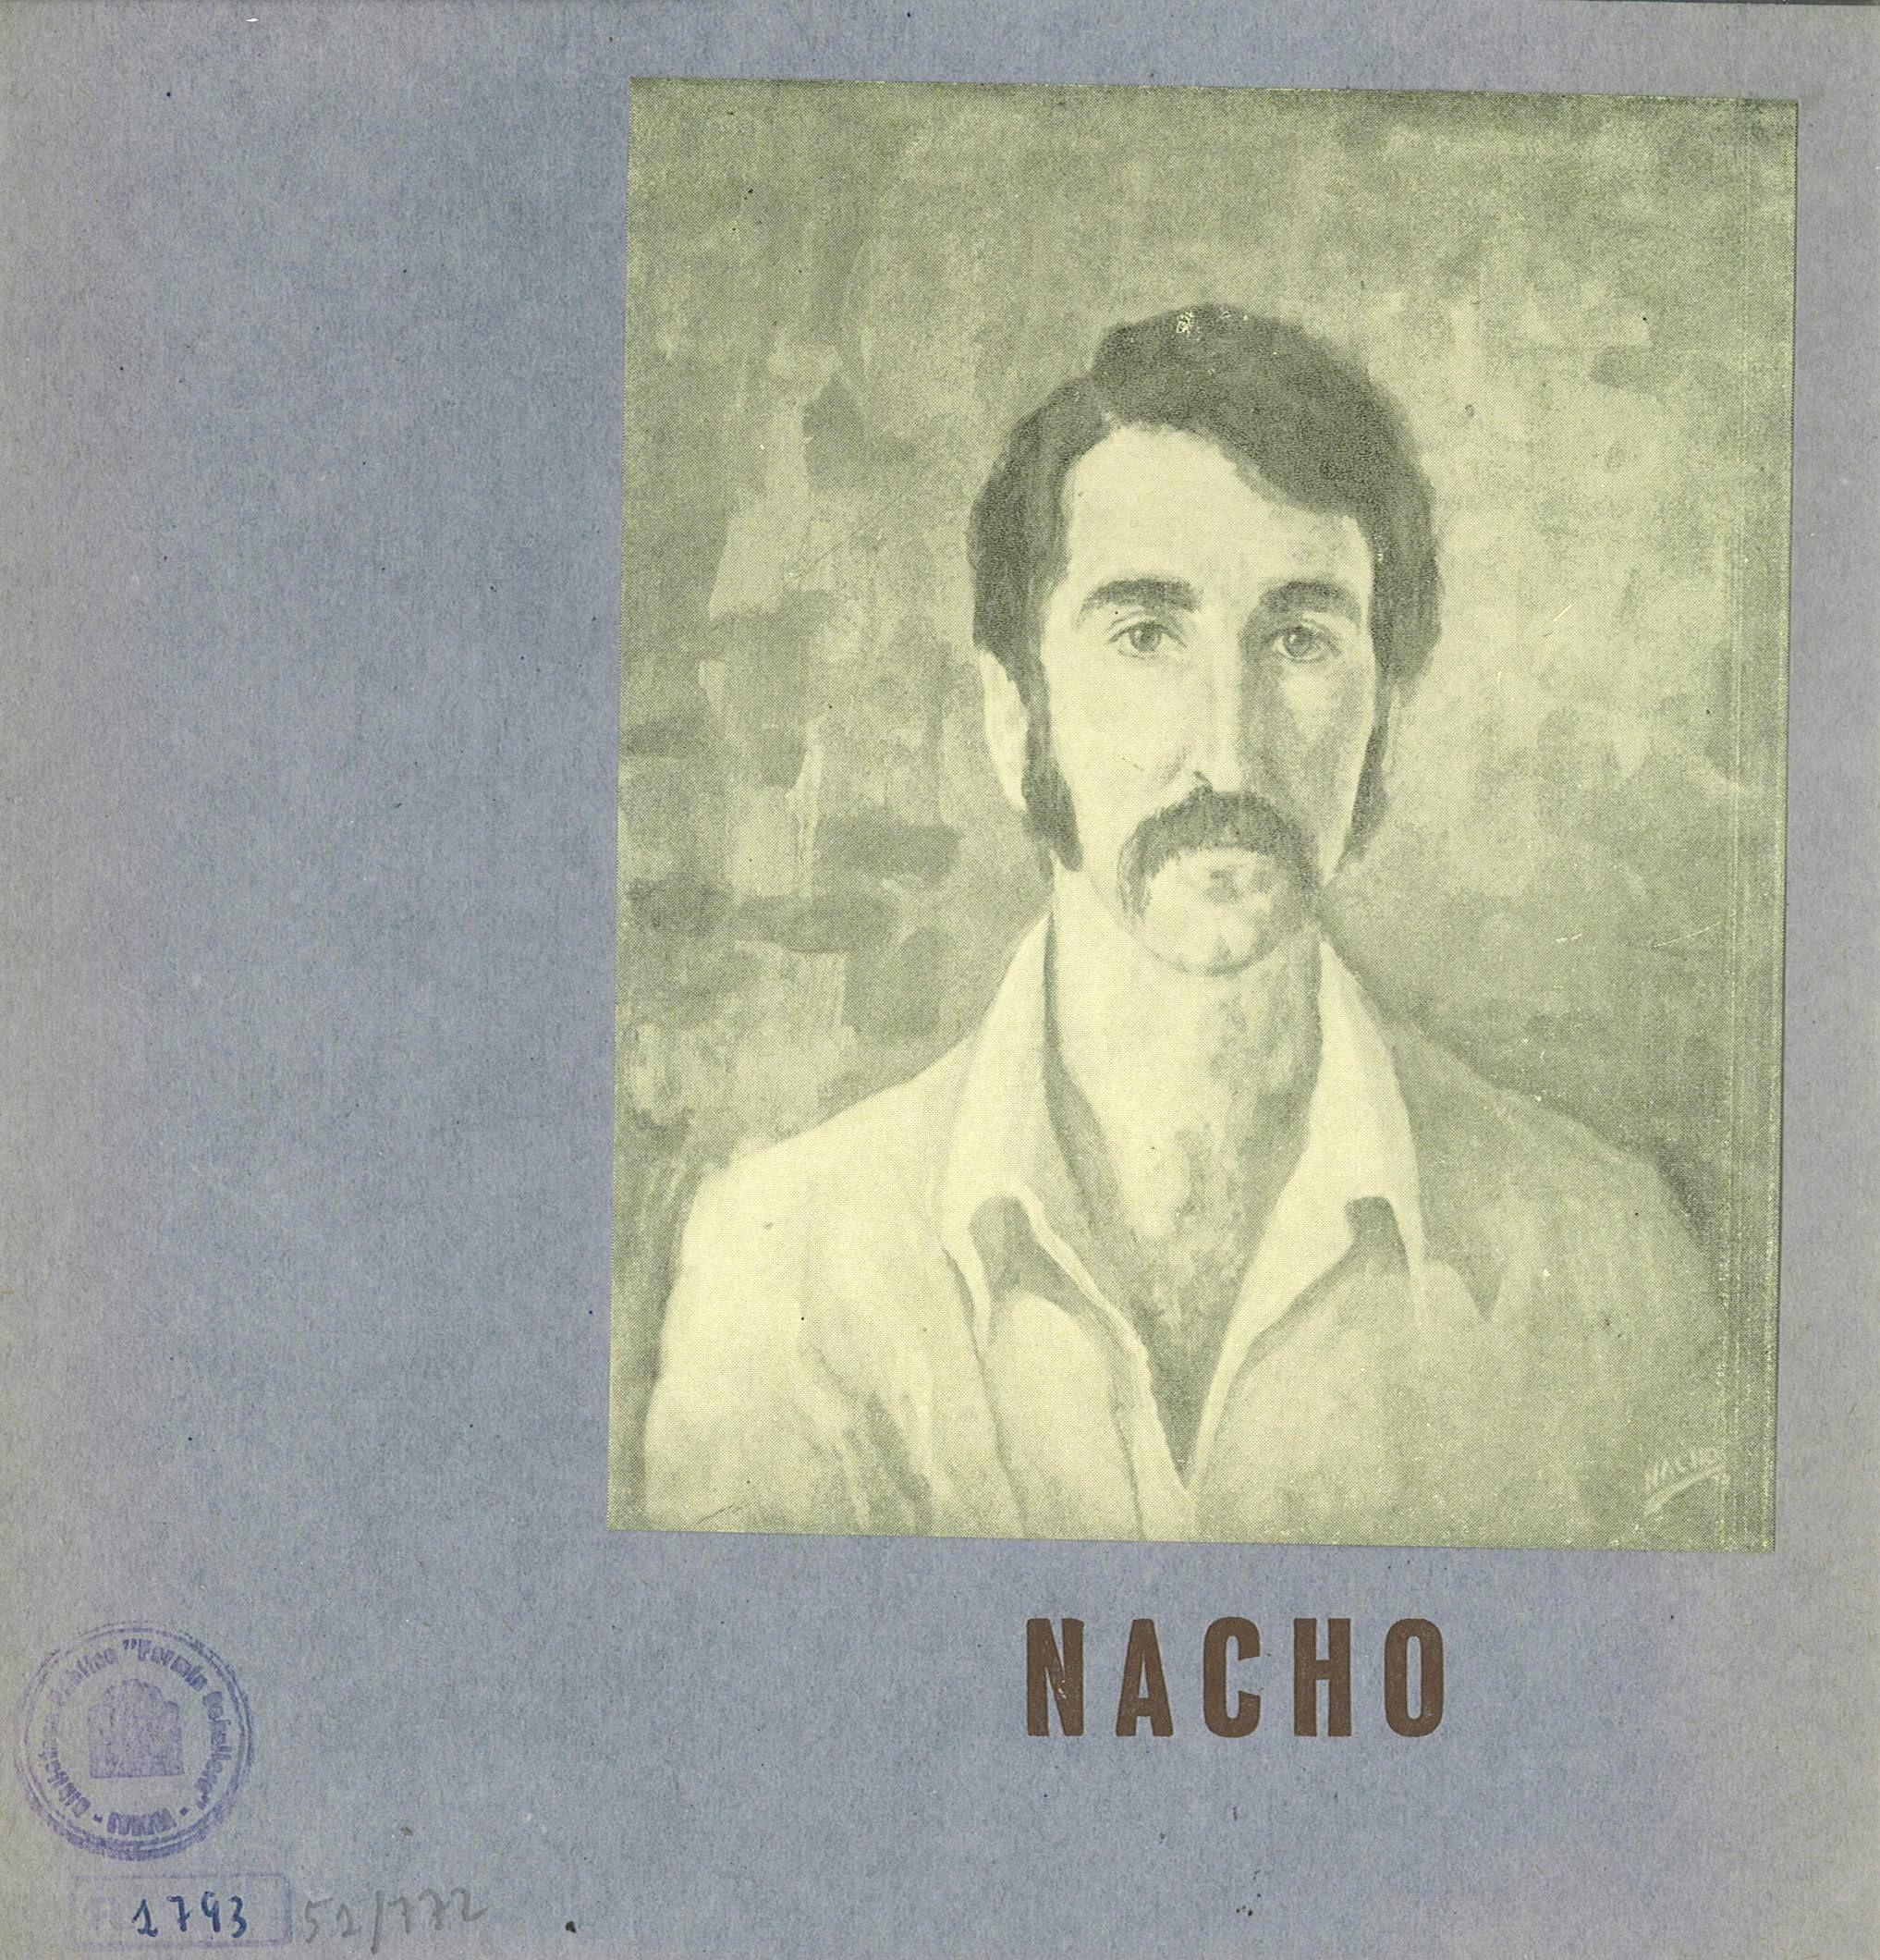 Jos ignacio guti rrez llorens nacho expone en la la casa de cultura biblioteca p blica - Casa de cultura ignacio aldecoa ...